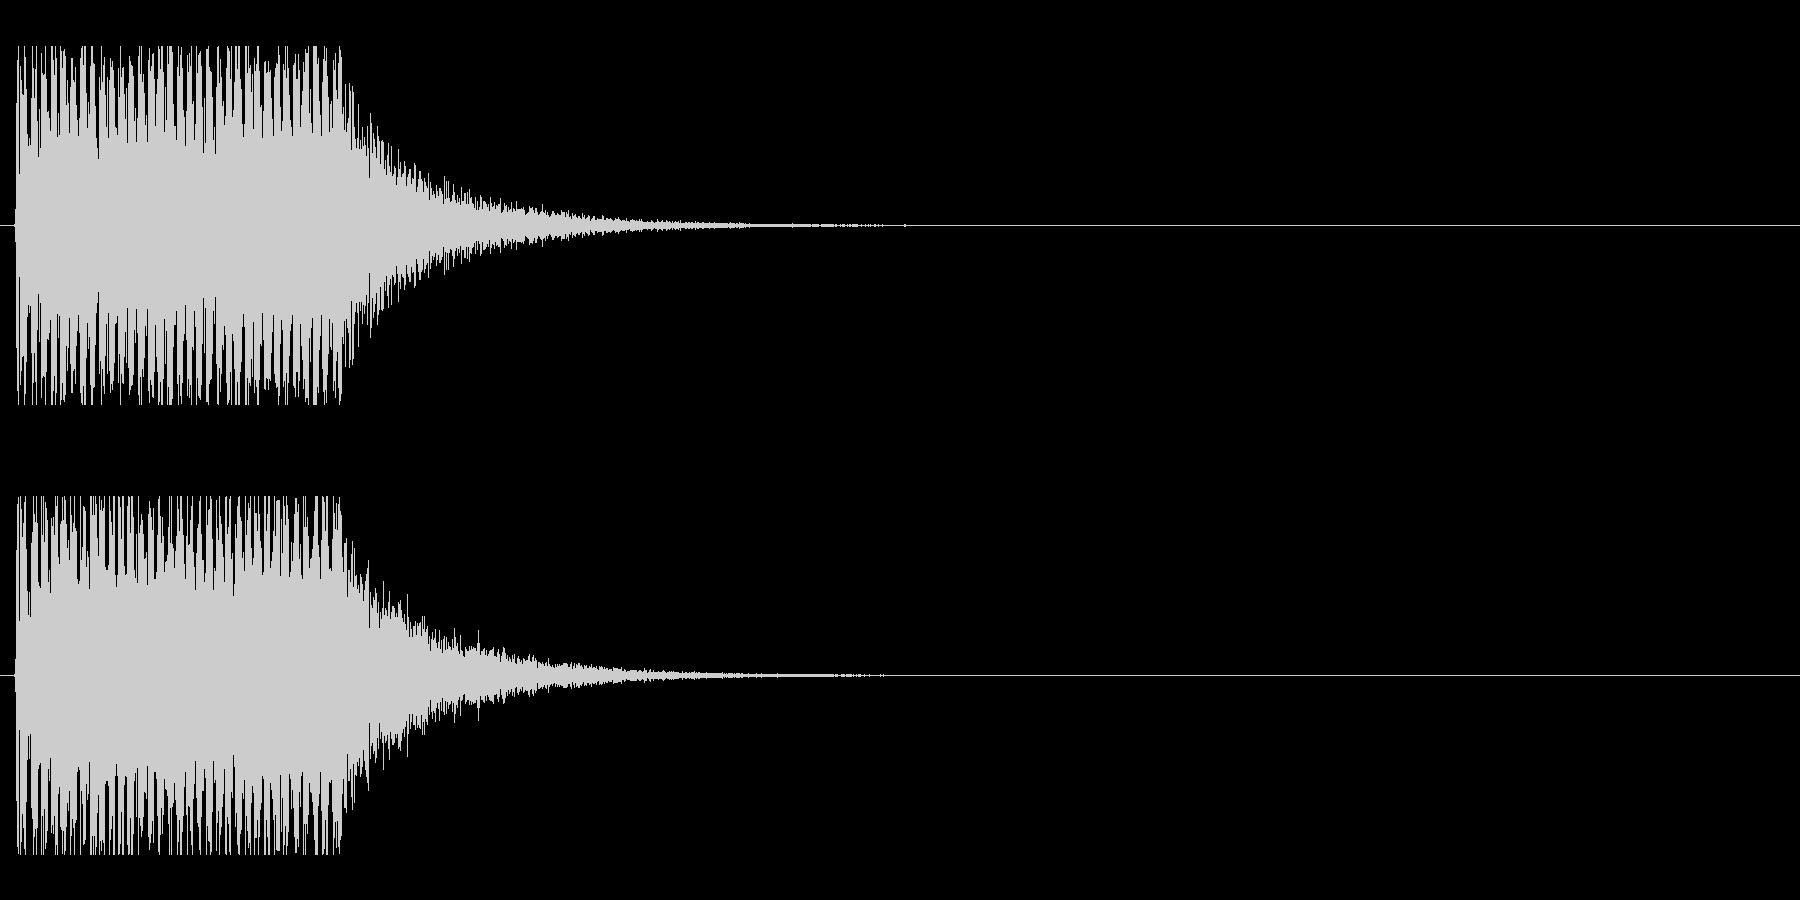 レーザー音-152-1の未再生の波形